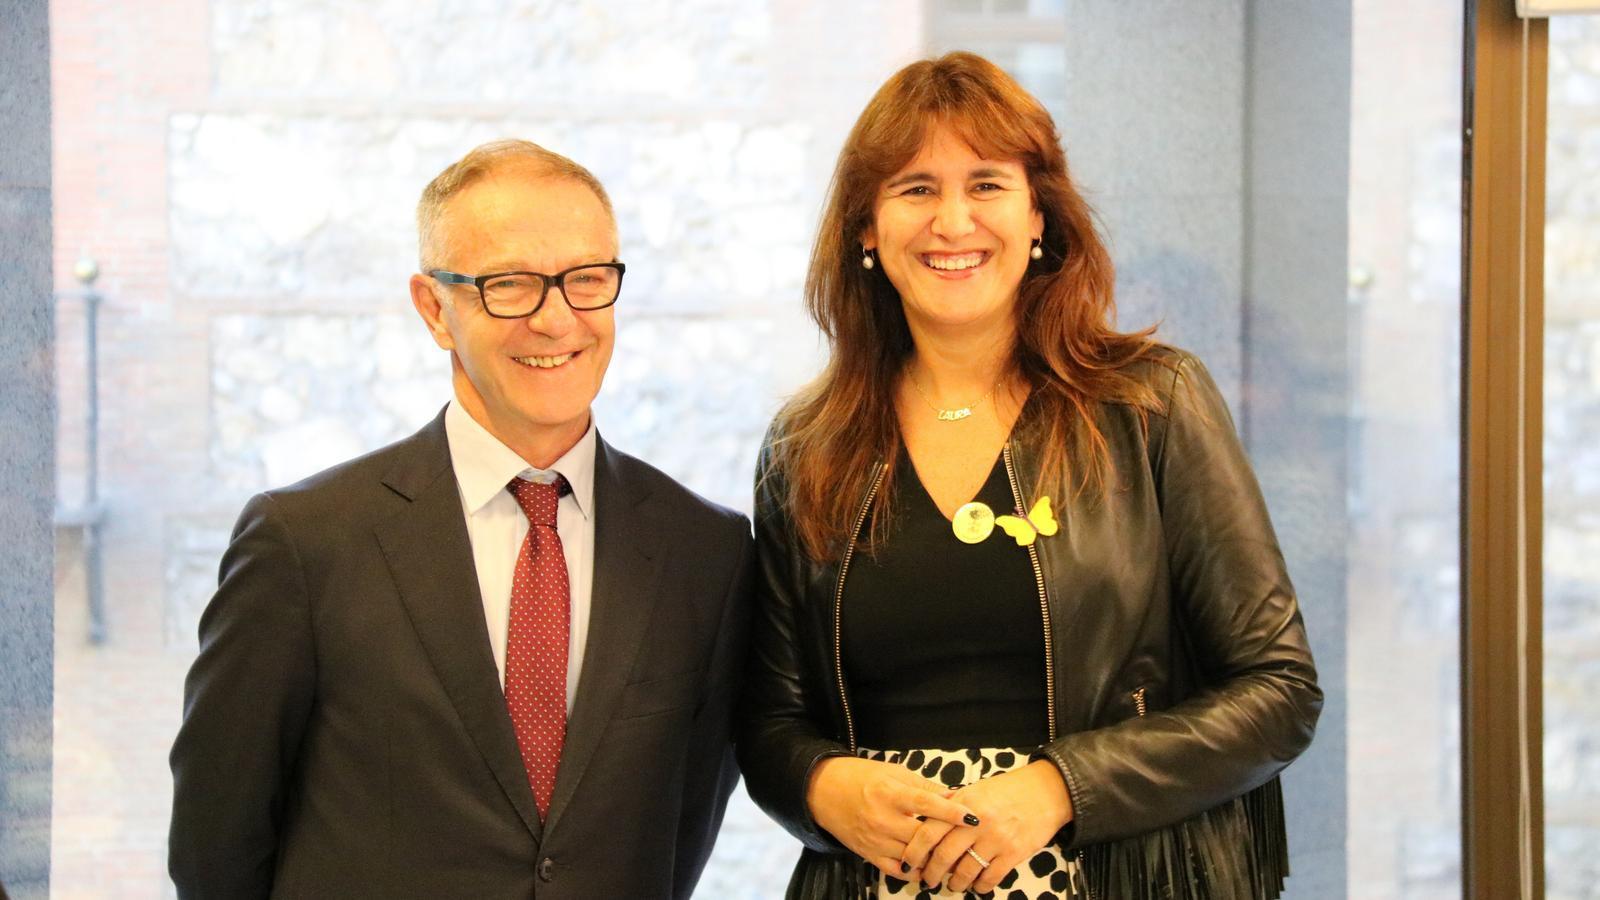 La consellera de Cultura, Laura Borràs, i el seu homòleg espanyol, José Guirao, aquest dimecres a la seu del ministeri, a Madrid